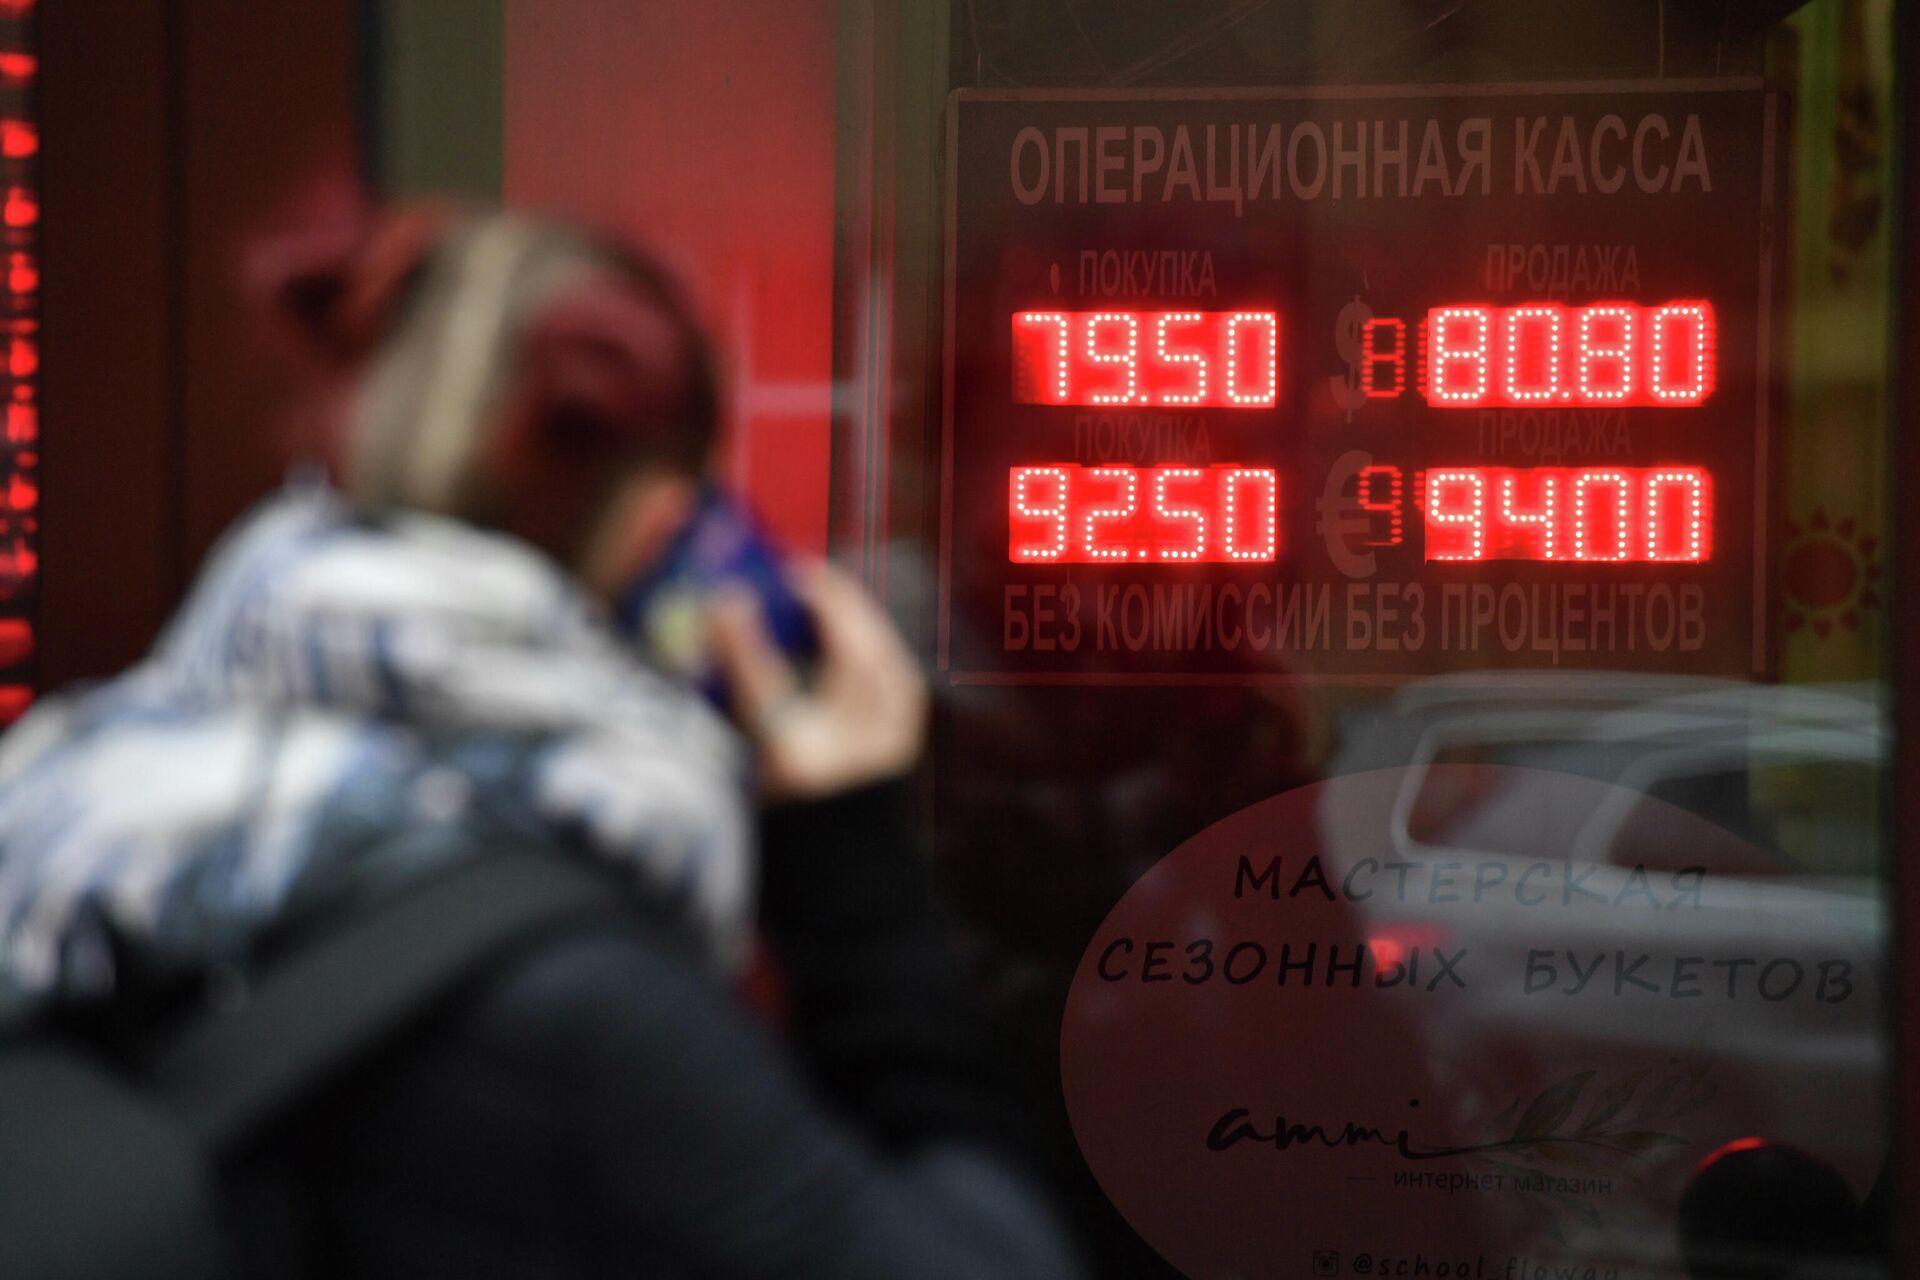 Электронное табло с курсами валют в Москве - РИА Новости, 1920, 26.11.2020